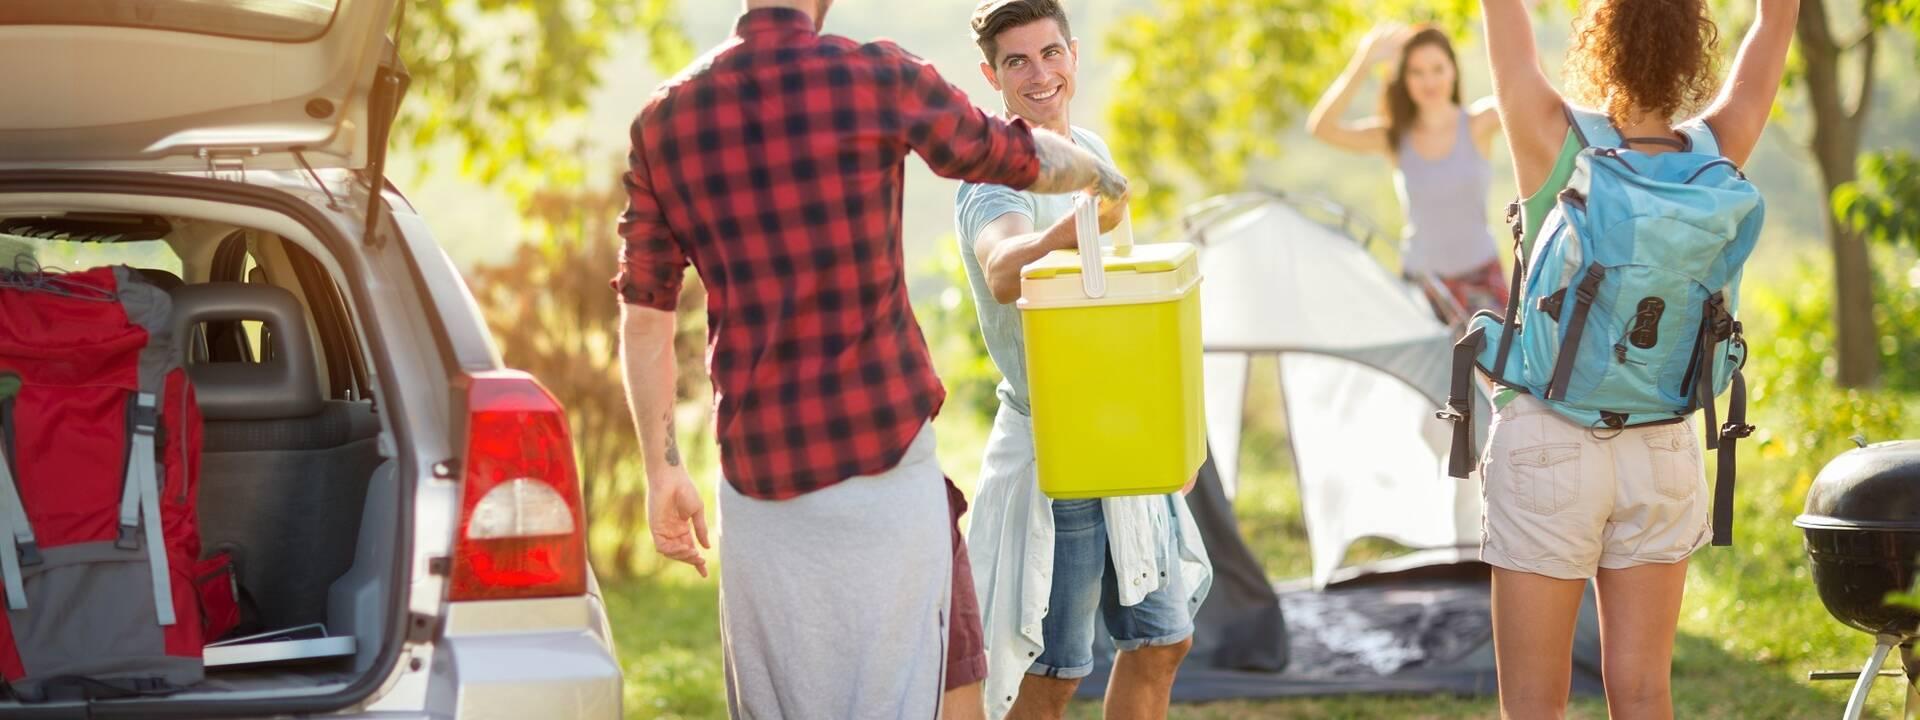 Amis arrivant dans un camping Qualité Tourisme - ©Shutterstock